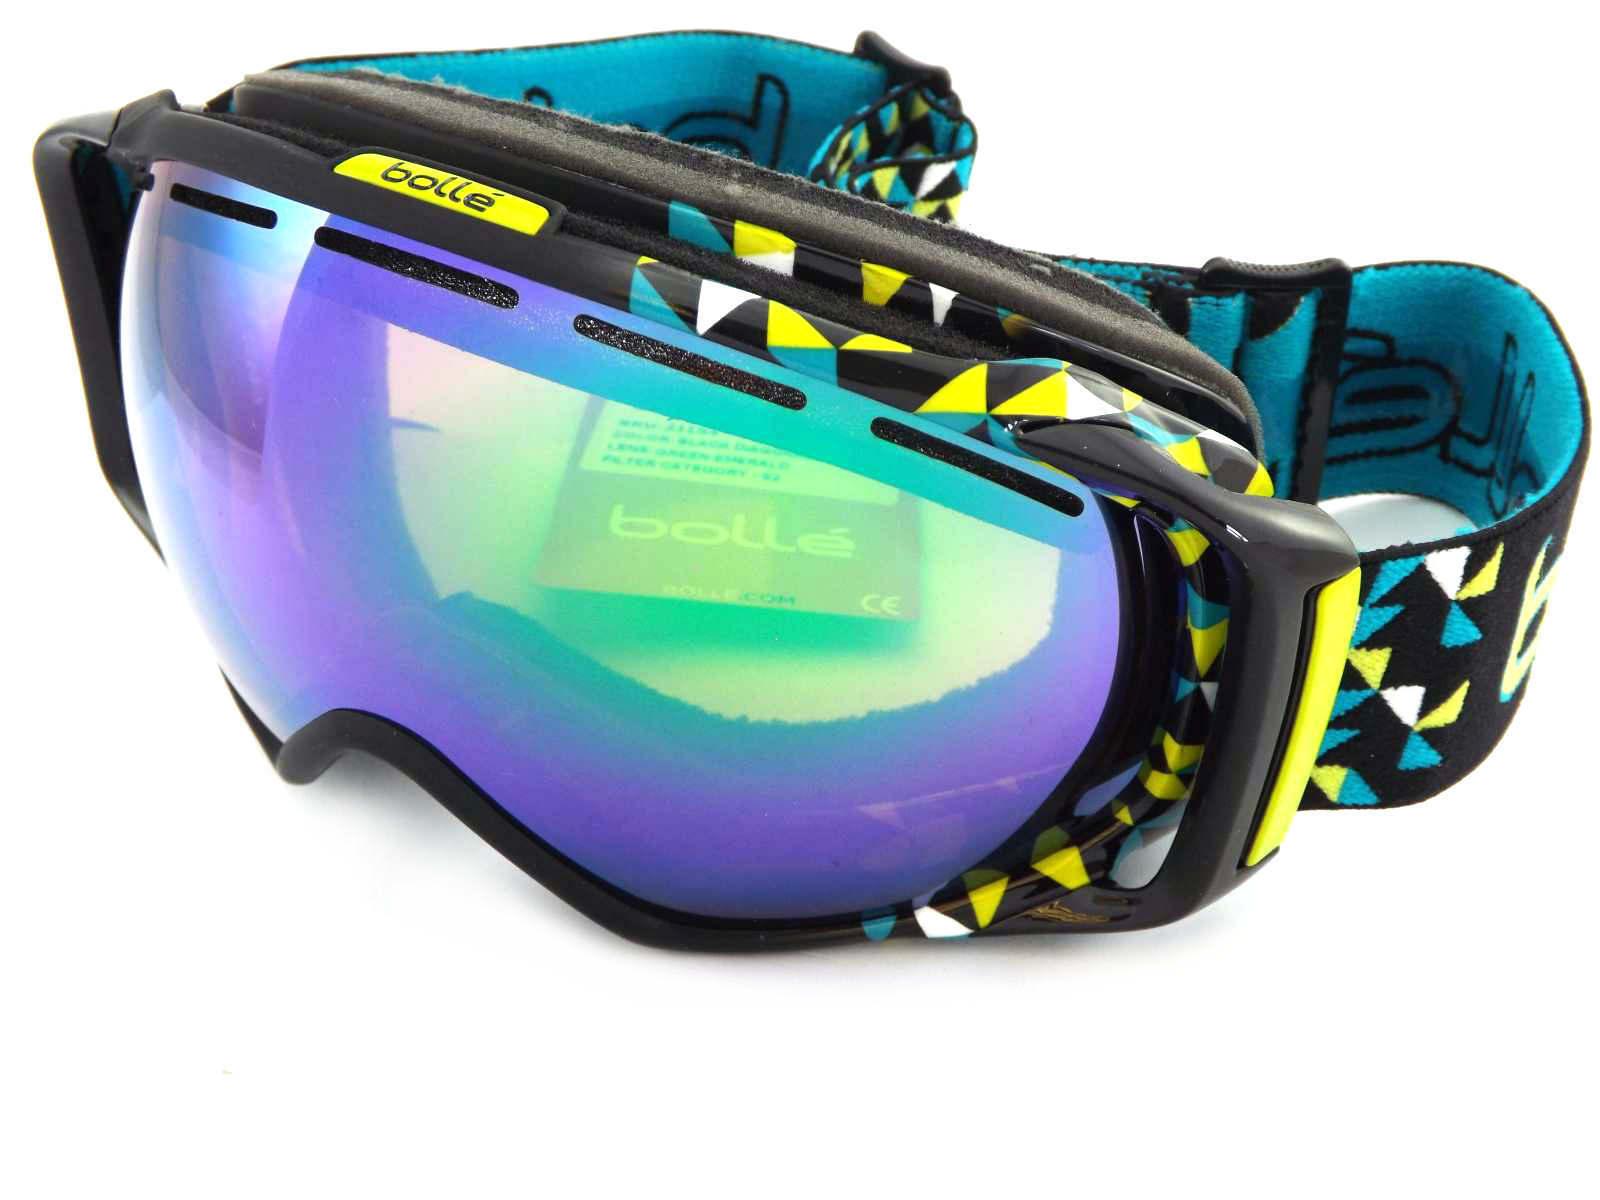 Bolle Premium Gravity Snowboardbrille Schwarz Diagonale Grün Grün Grün Smaragd 21154 911227